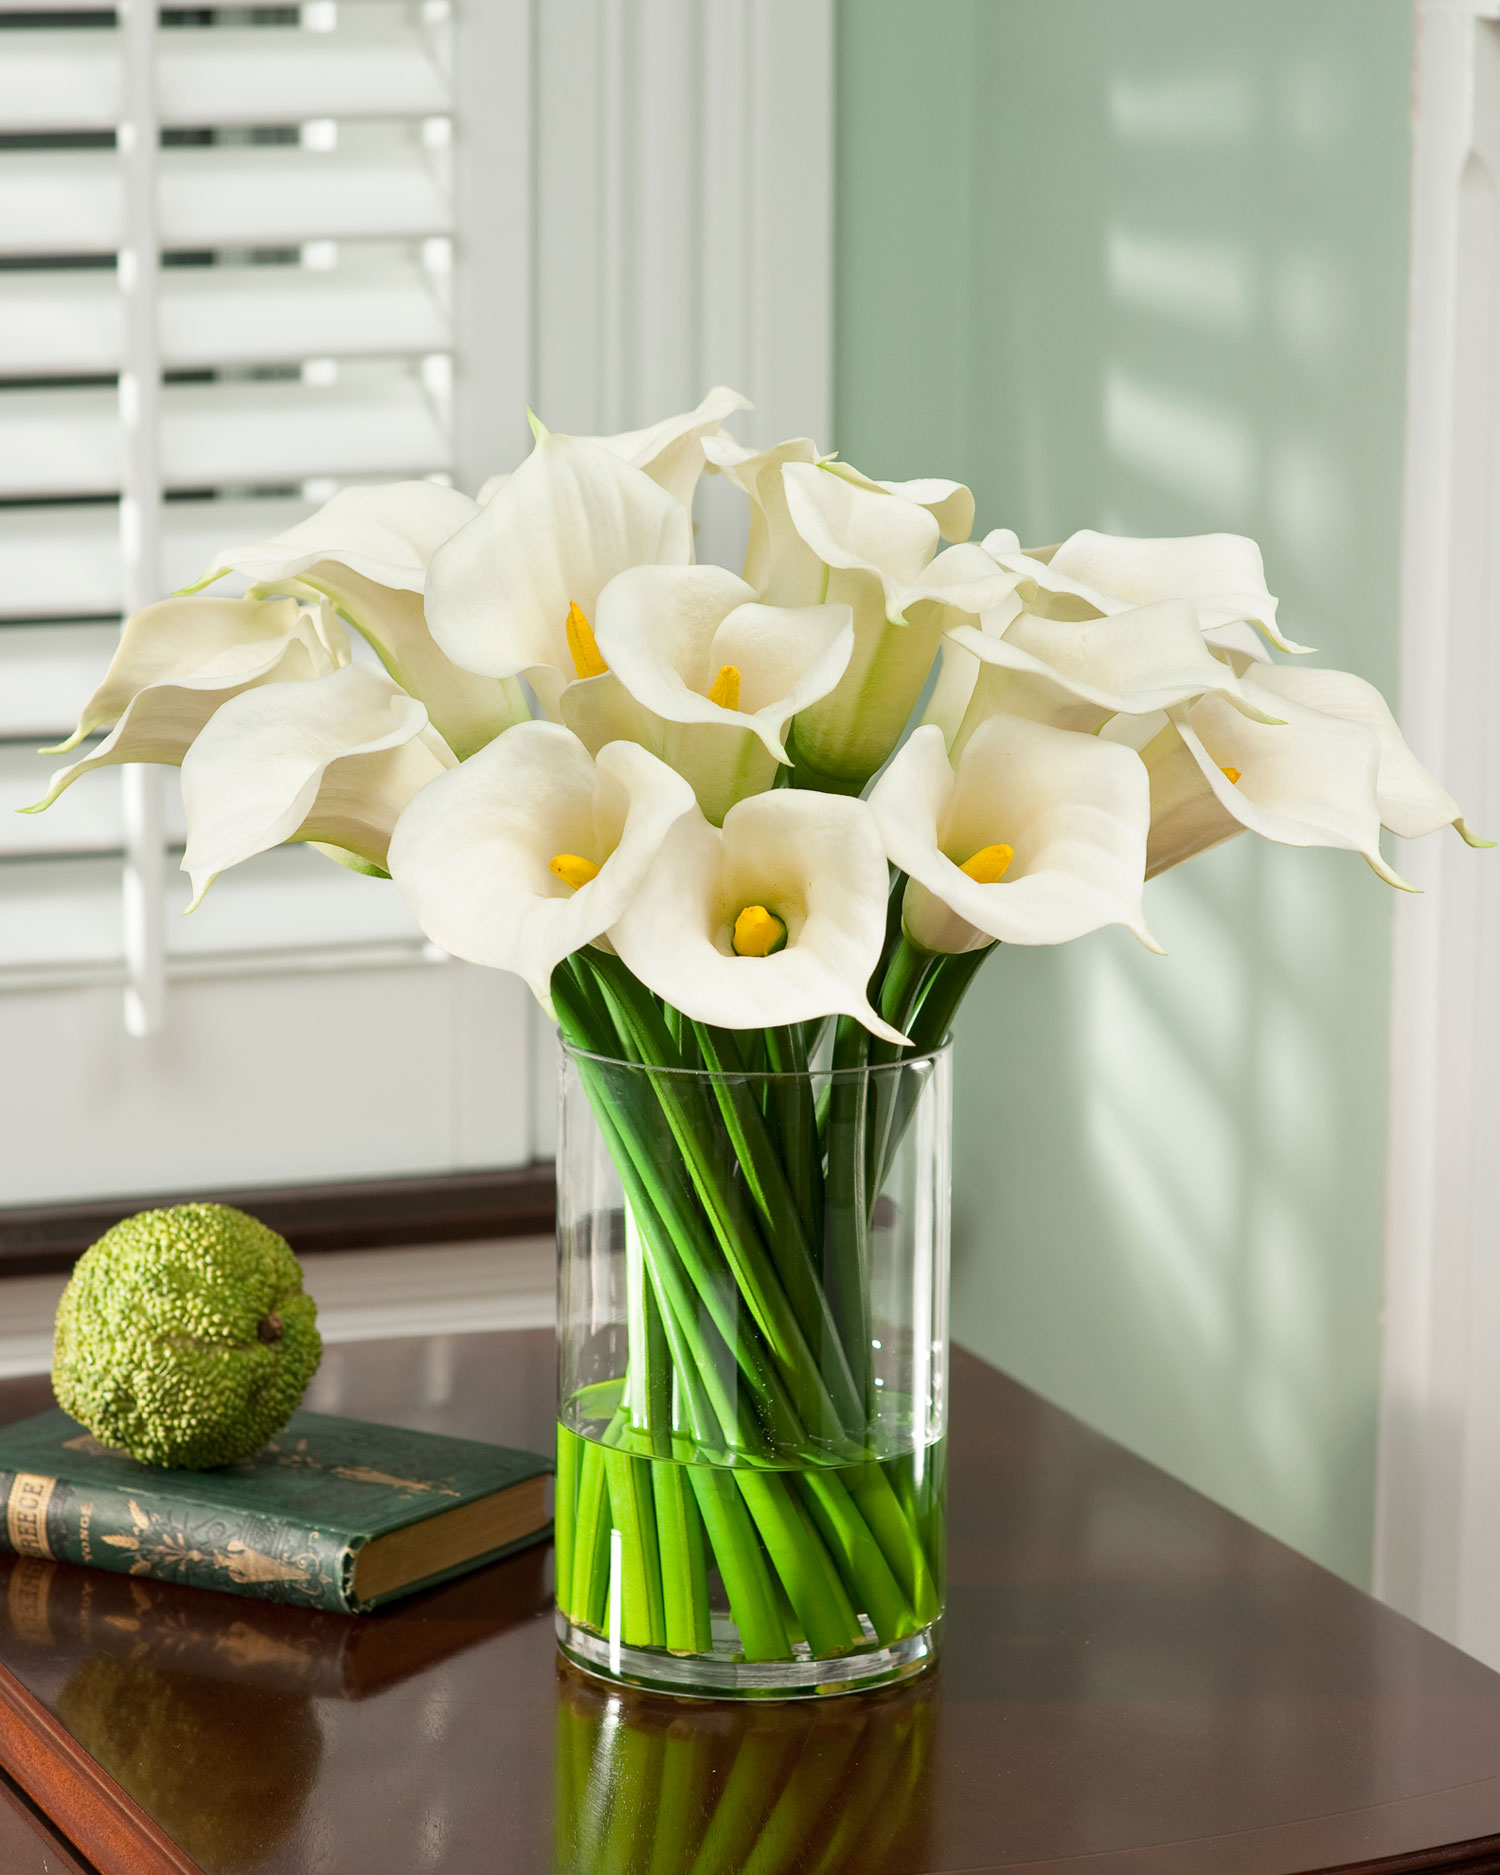 Цветы искусственные для интерьера в кашпо